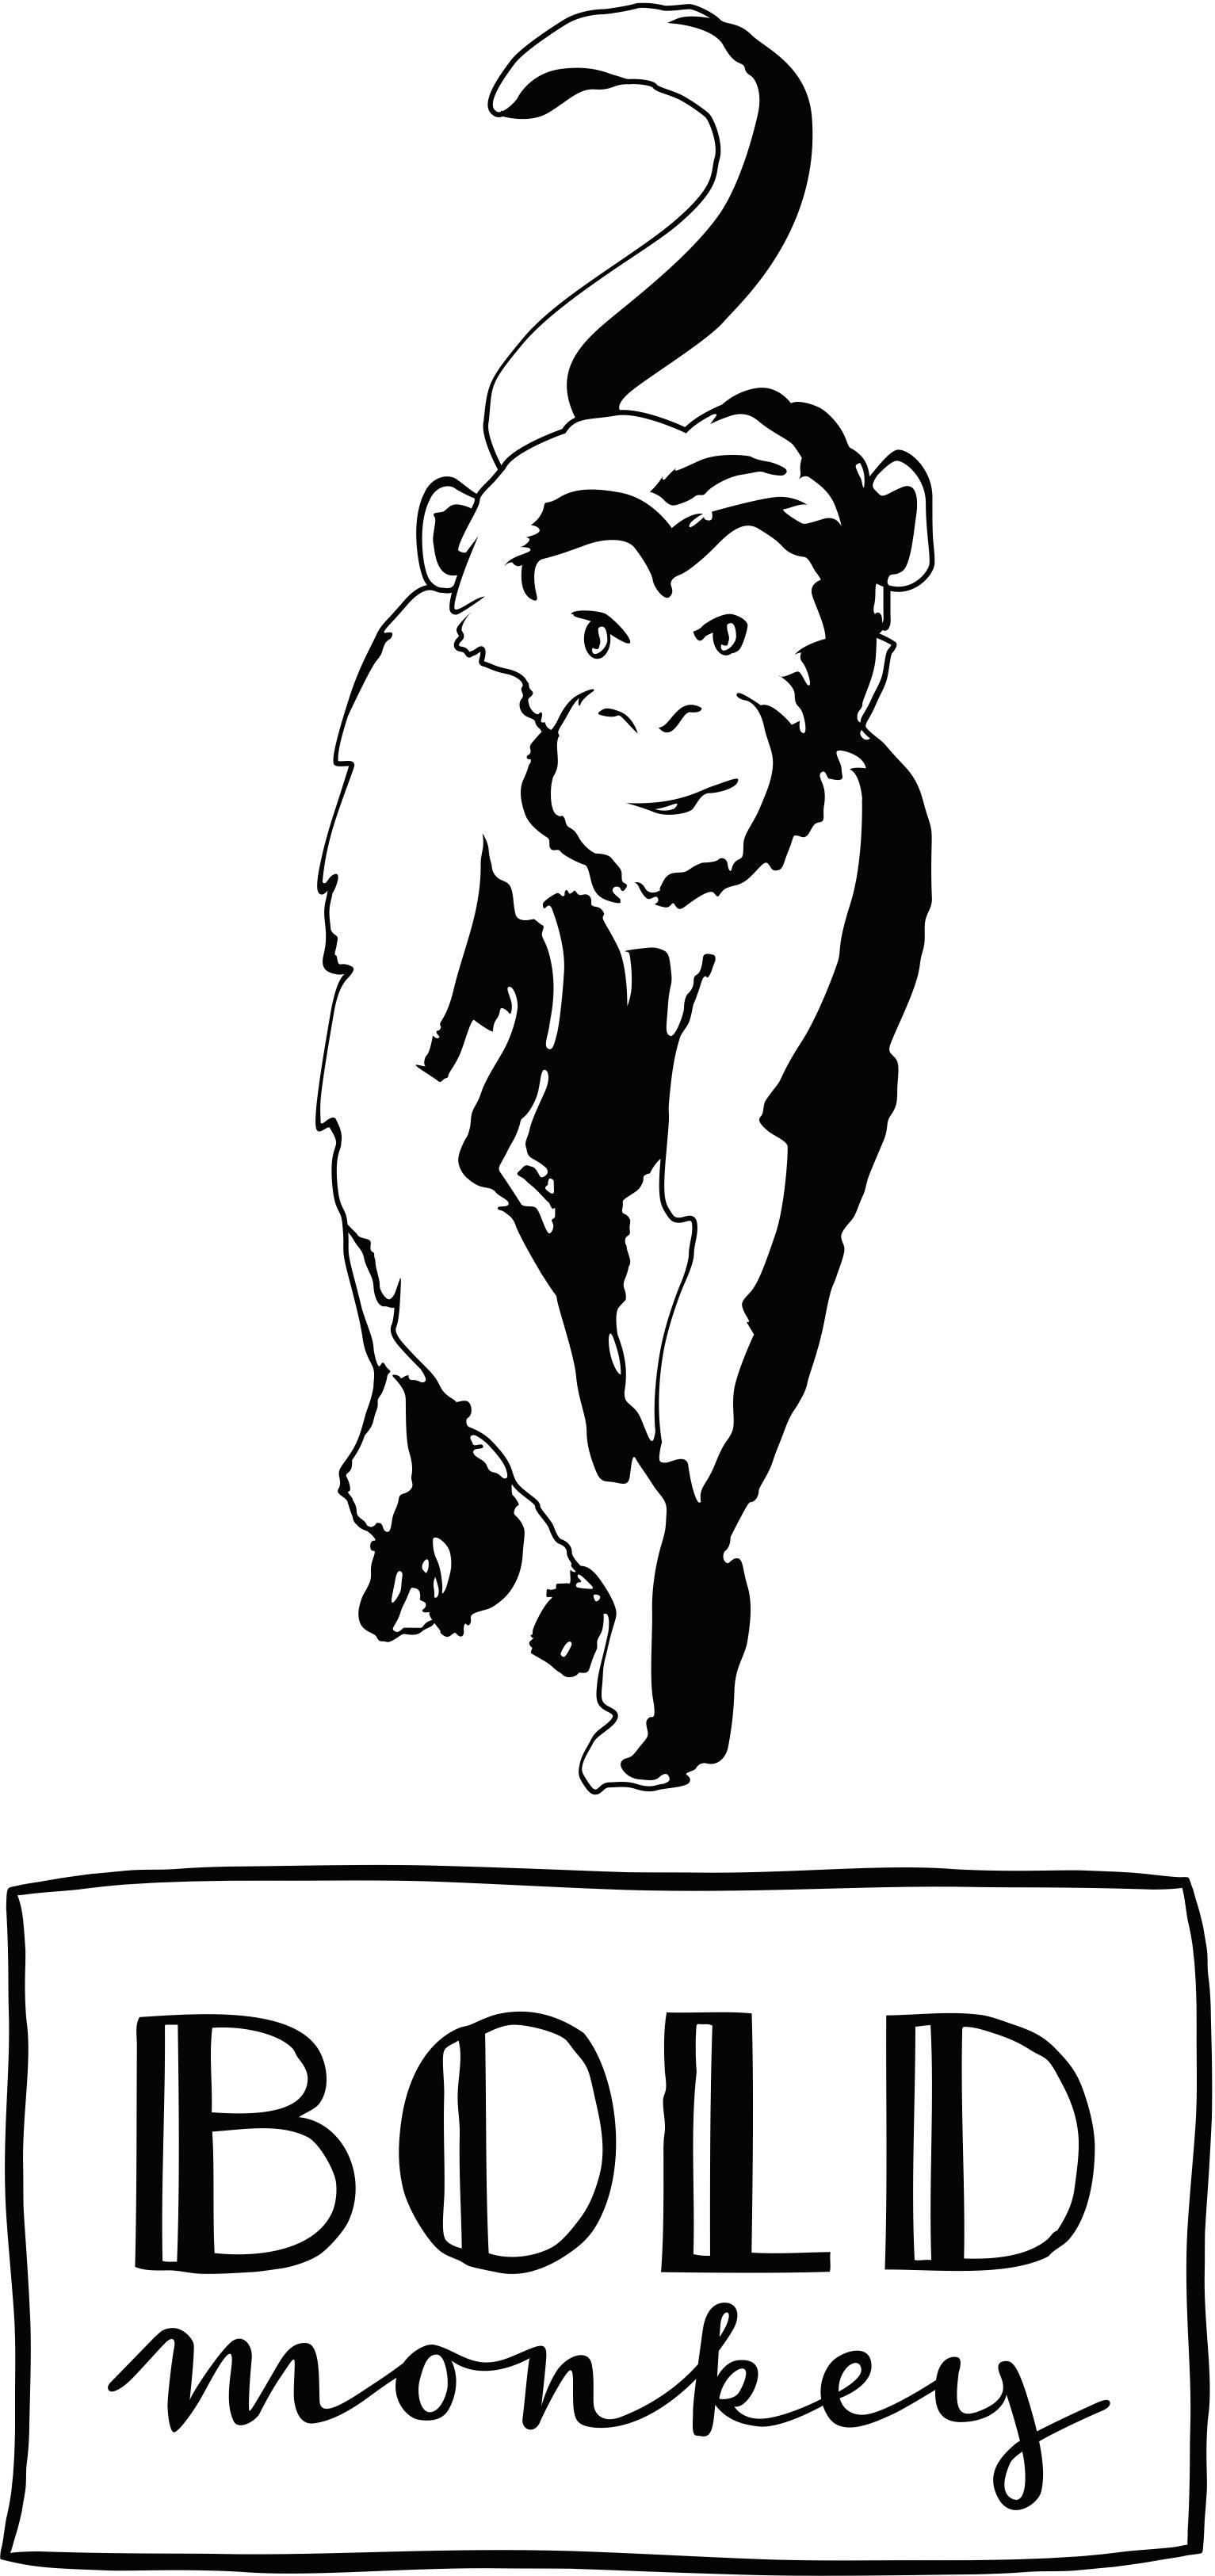 bold monkey You're So Fluffy kleine ronde spiegel S groen glas small diameter ⌀ ø 30 cm